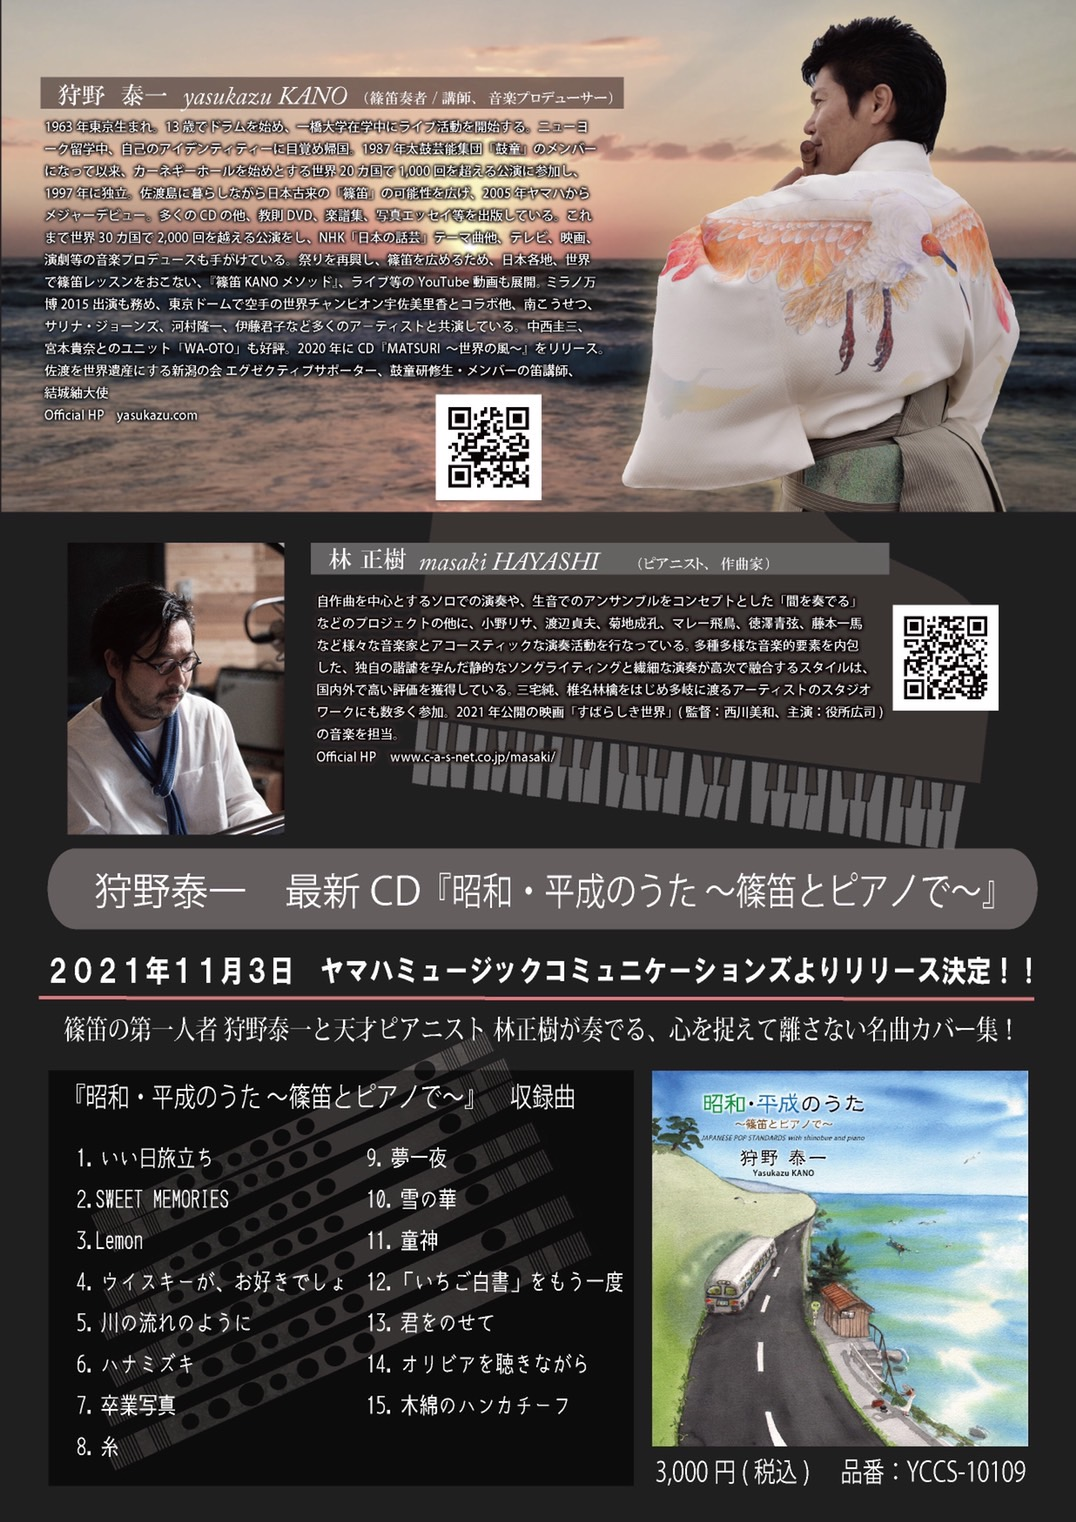 2022年に延期 日程再調整中:狩野泰一 & 林 正樹 CONCERT 〜日本・世界の名曲を篠笛とピアノで〜